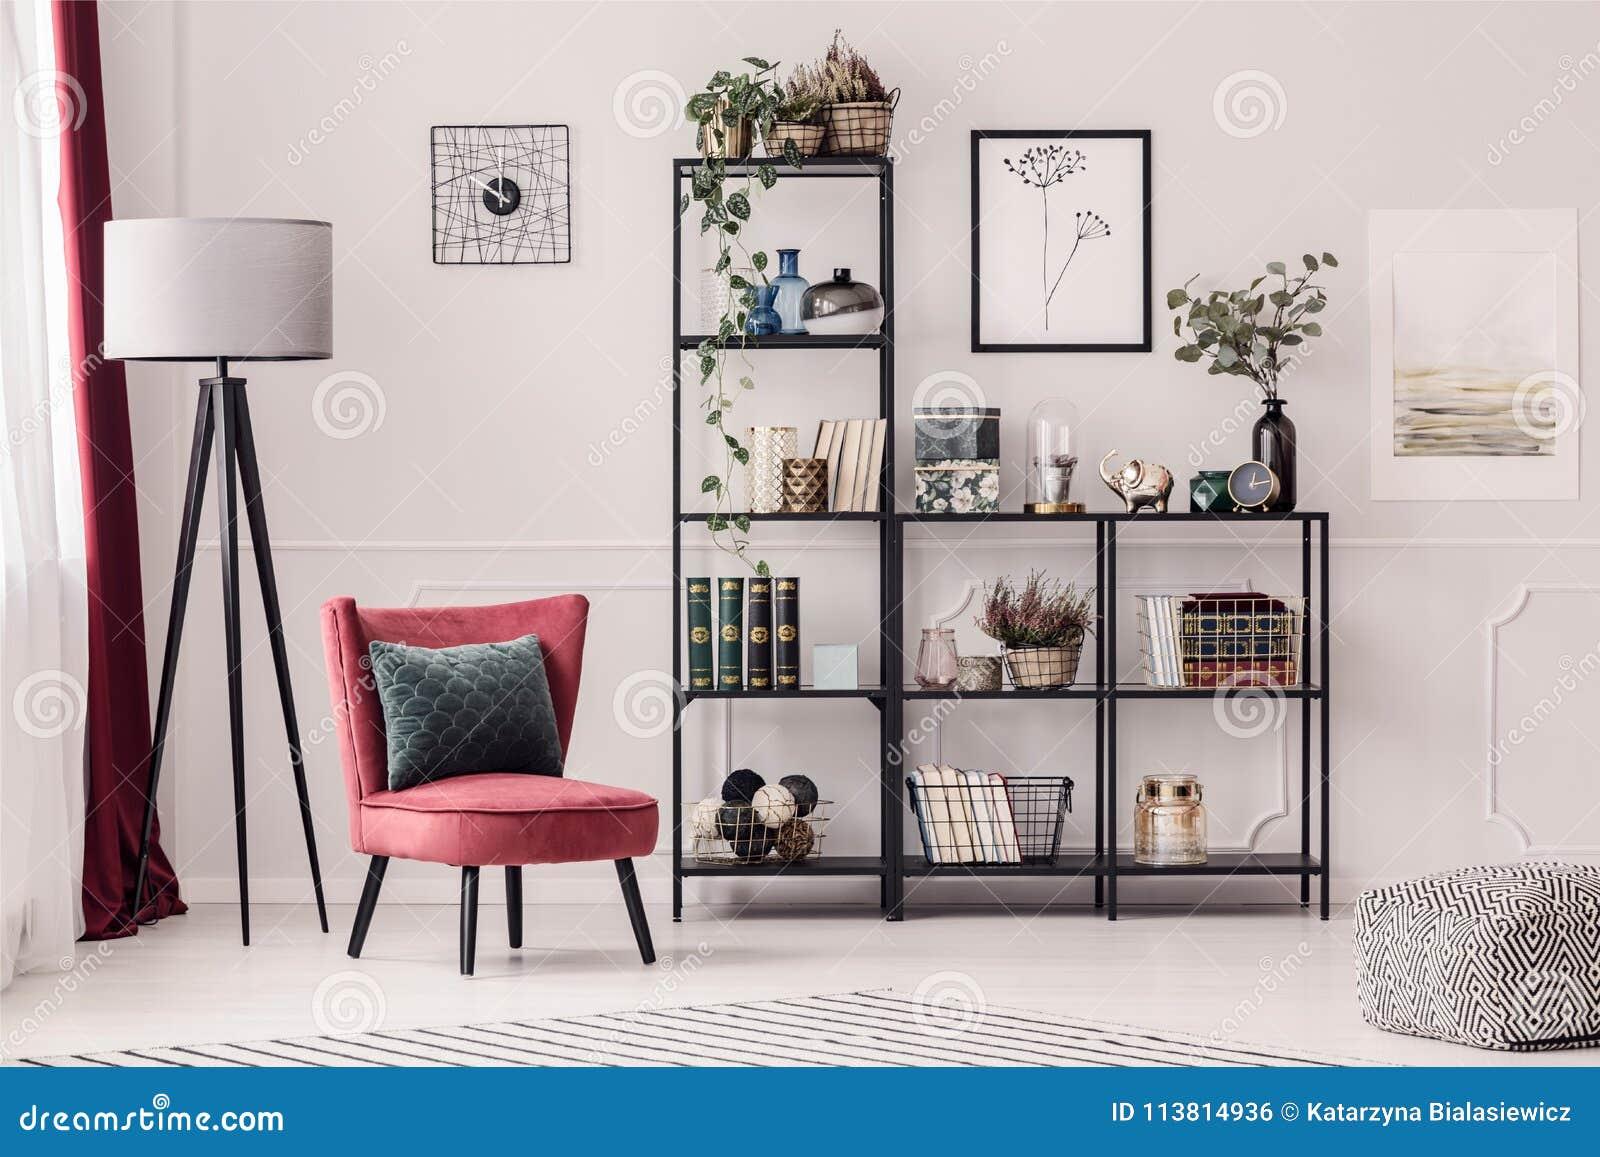 Bücherregal Im Wohnzimmer Stockfoto Bild Von Wand Speicherung